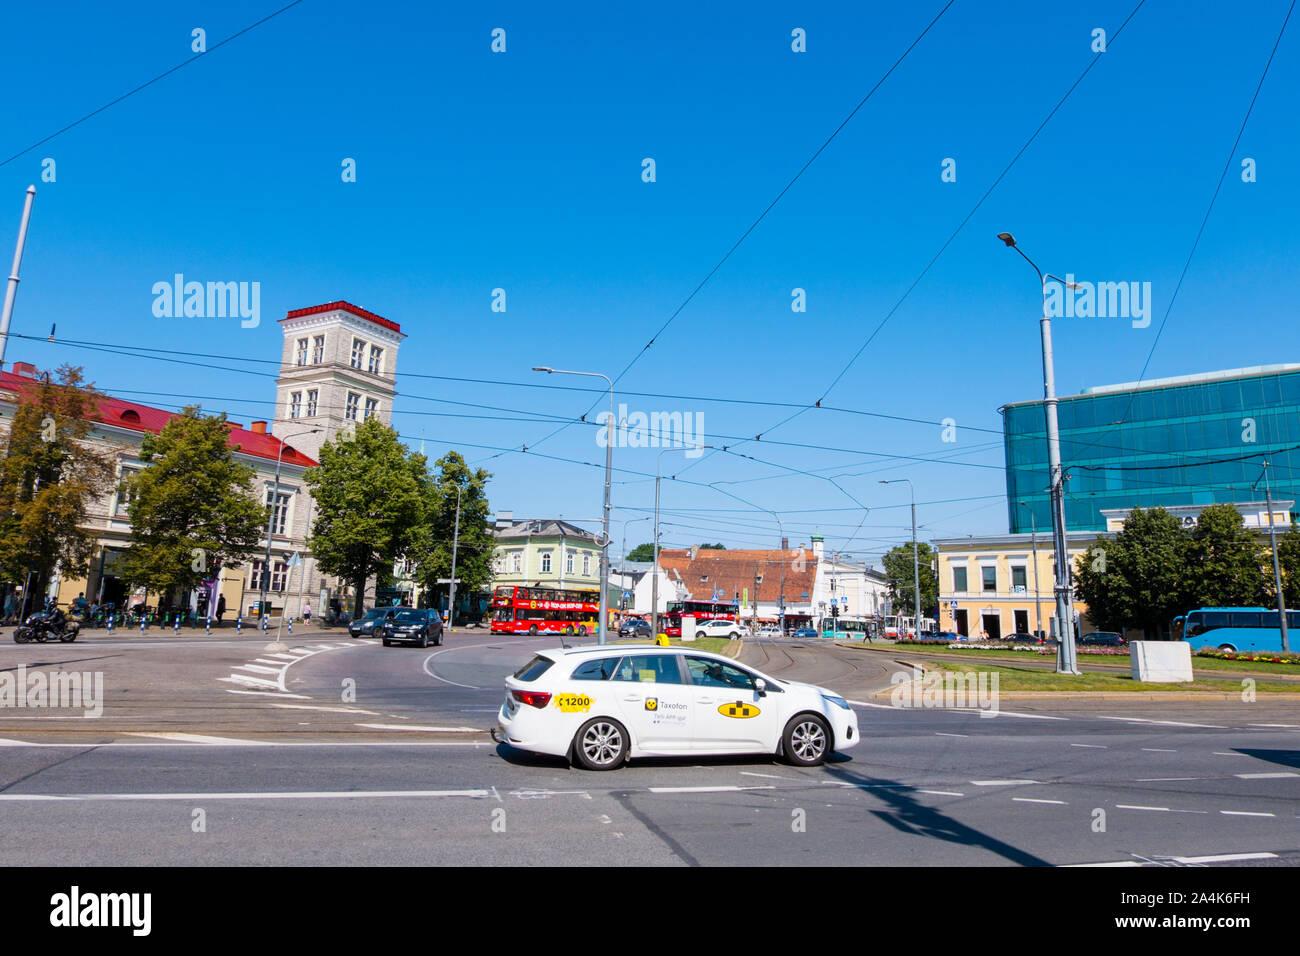 Taxi, Viru väljak, Estonia square, Kesklinn, Tallinn, Estonia Stock Photo